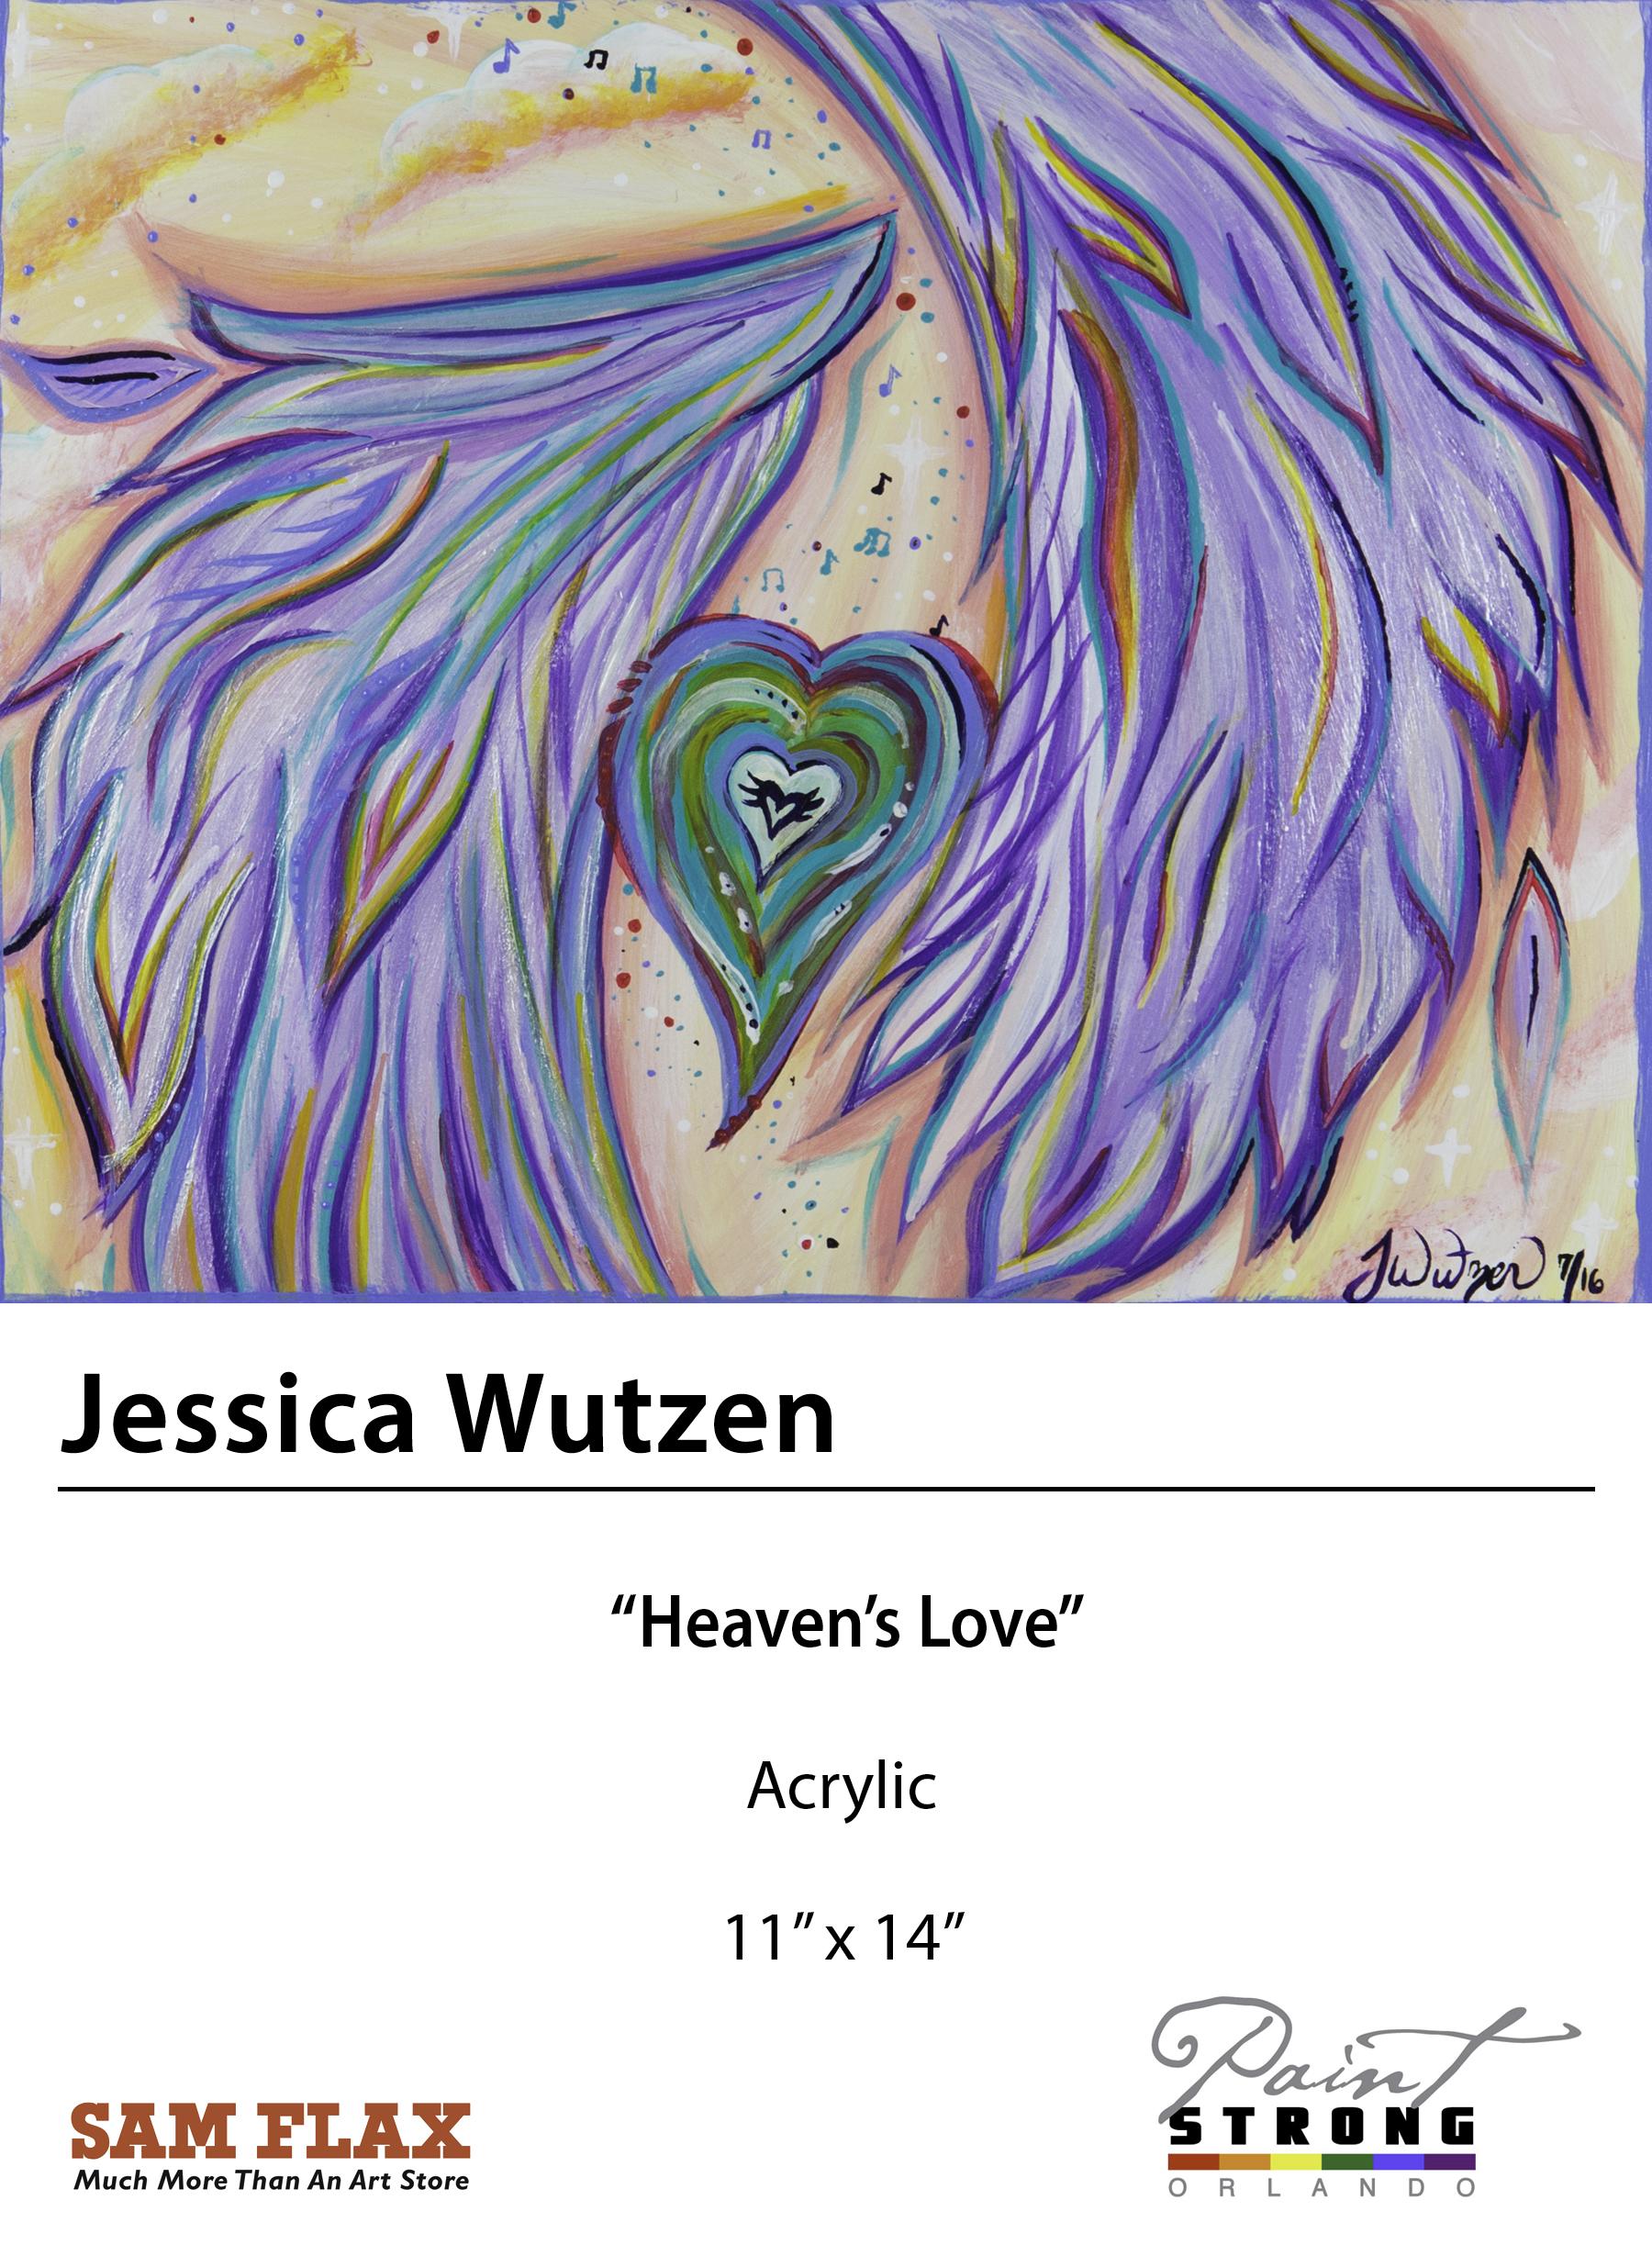 Jessica Wutzen